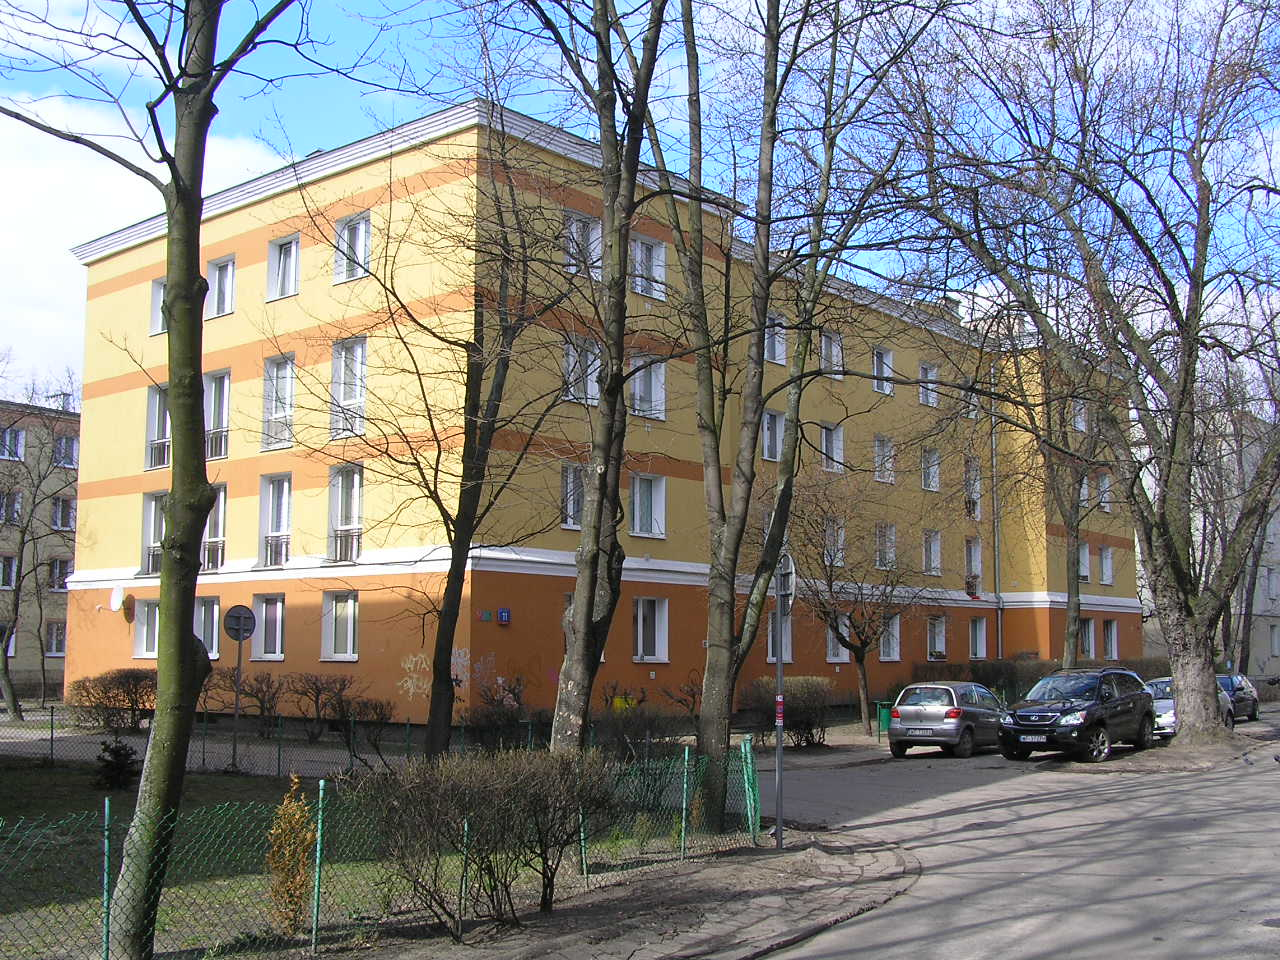 Budynek przy ulicy Rębkowskiej 11 na Grochowie